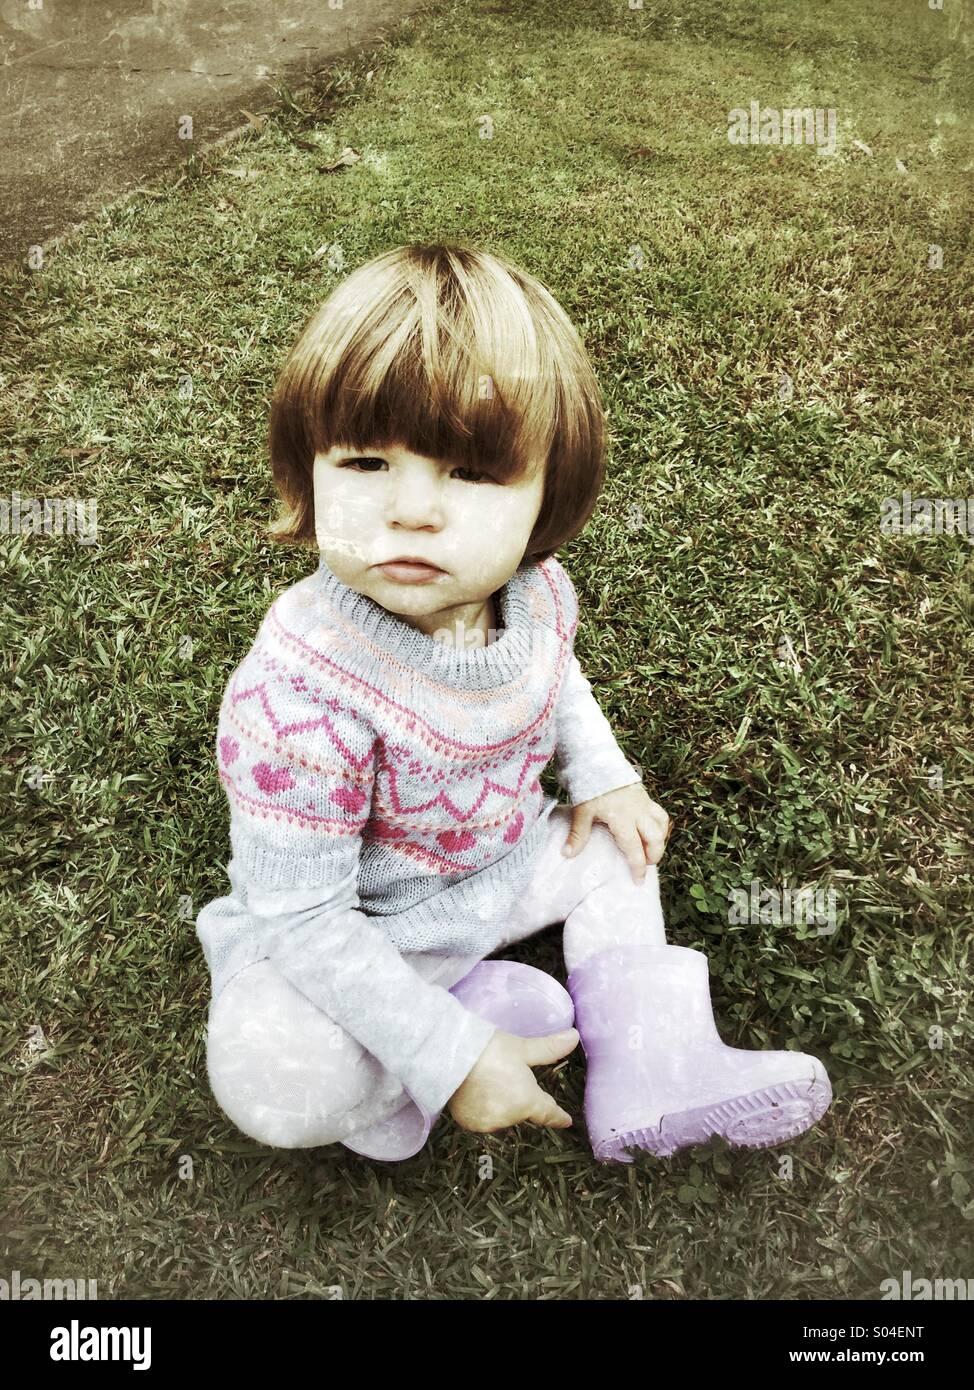 Bambino seduto su erba bagnata con gli stivali da pioggia Immagini Stock